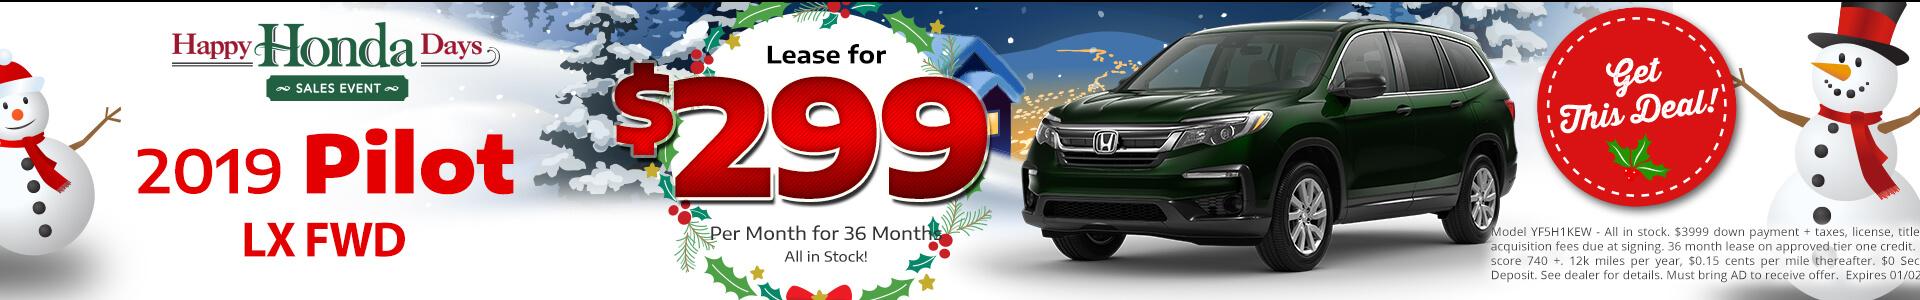 Honda Pilot $299 Lease